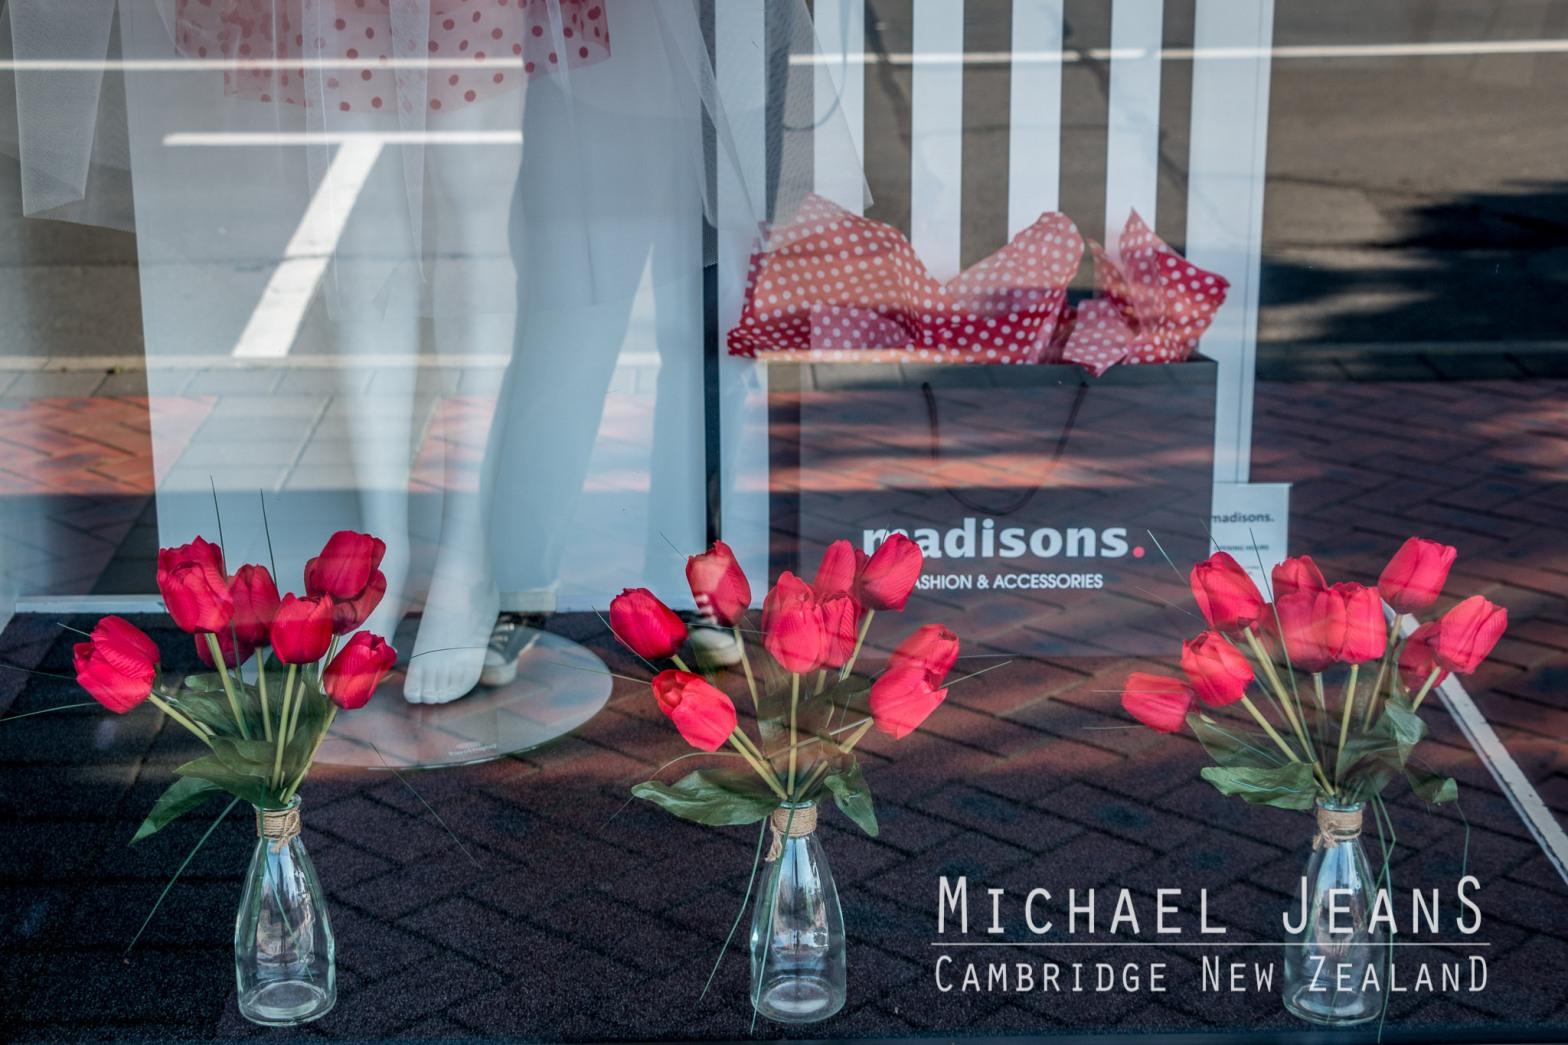 Madisons 54 Duke Street Cambridge New Zealand